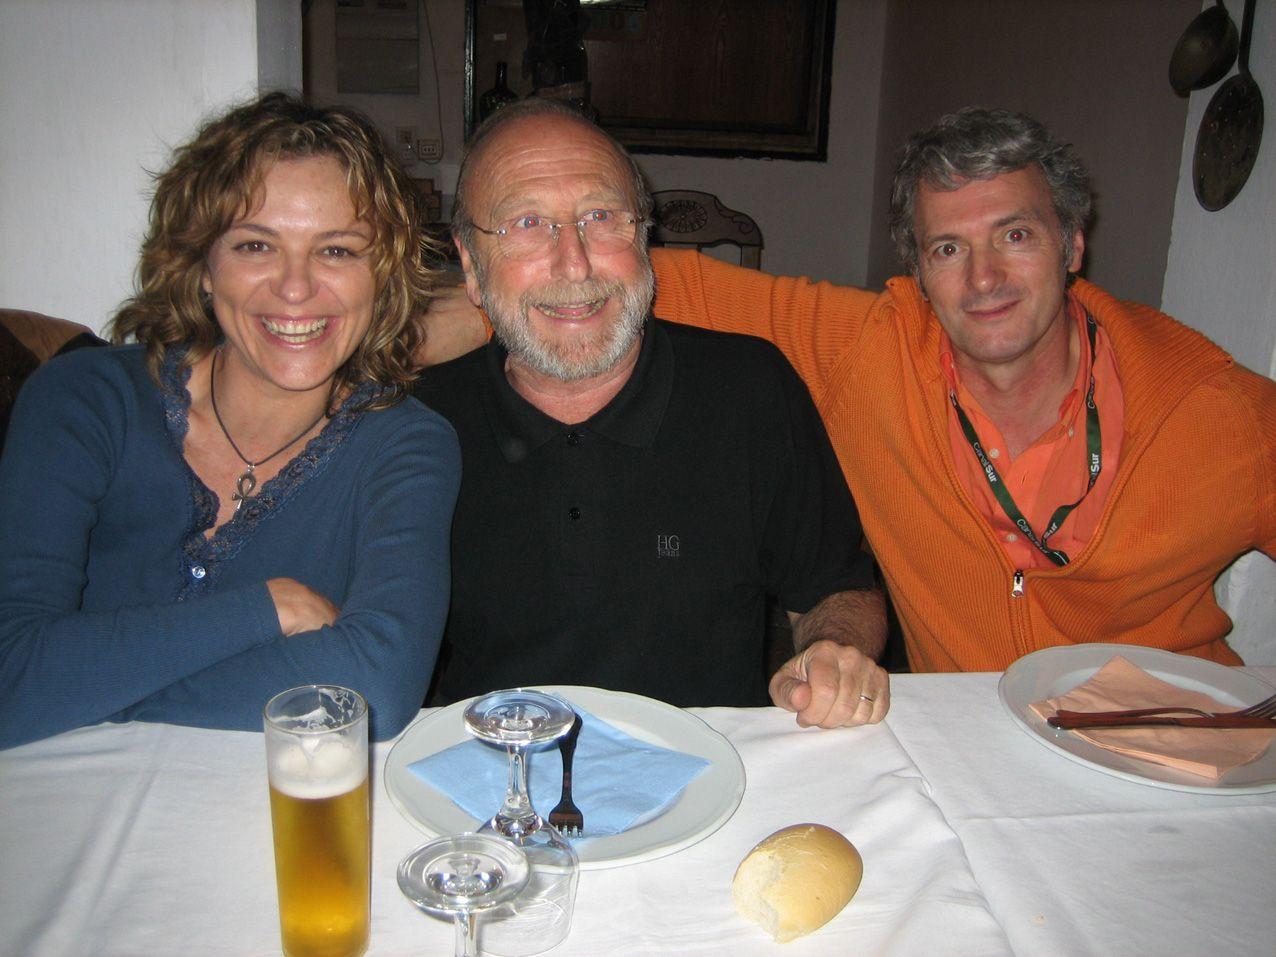 Con el director de cine Sergio Cabrera y Guillermo Summer, miembros del Jurado del Festival de Cine de islantilla